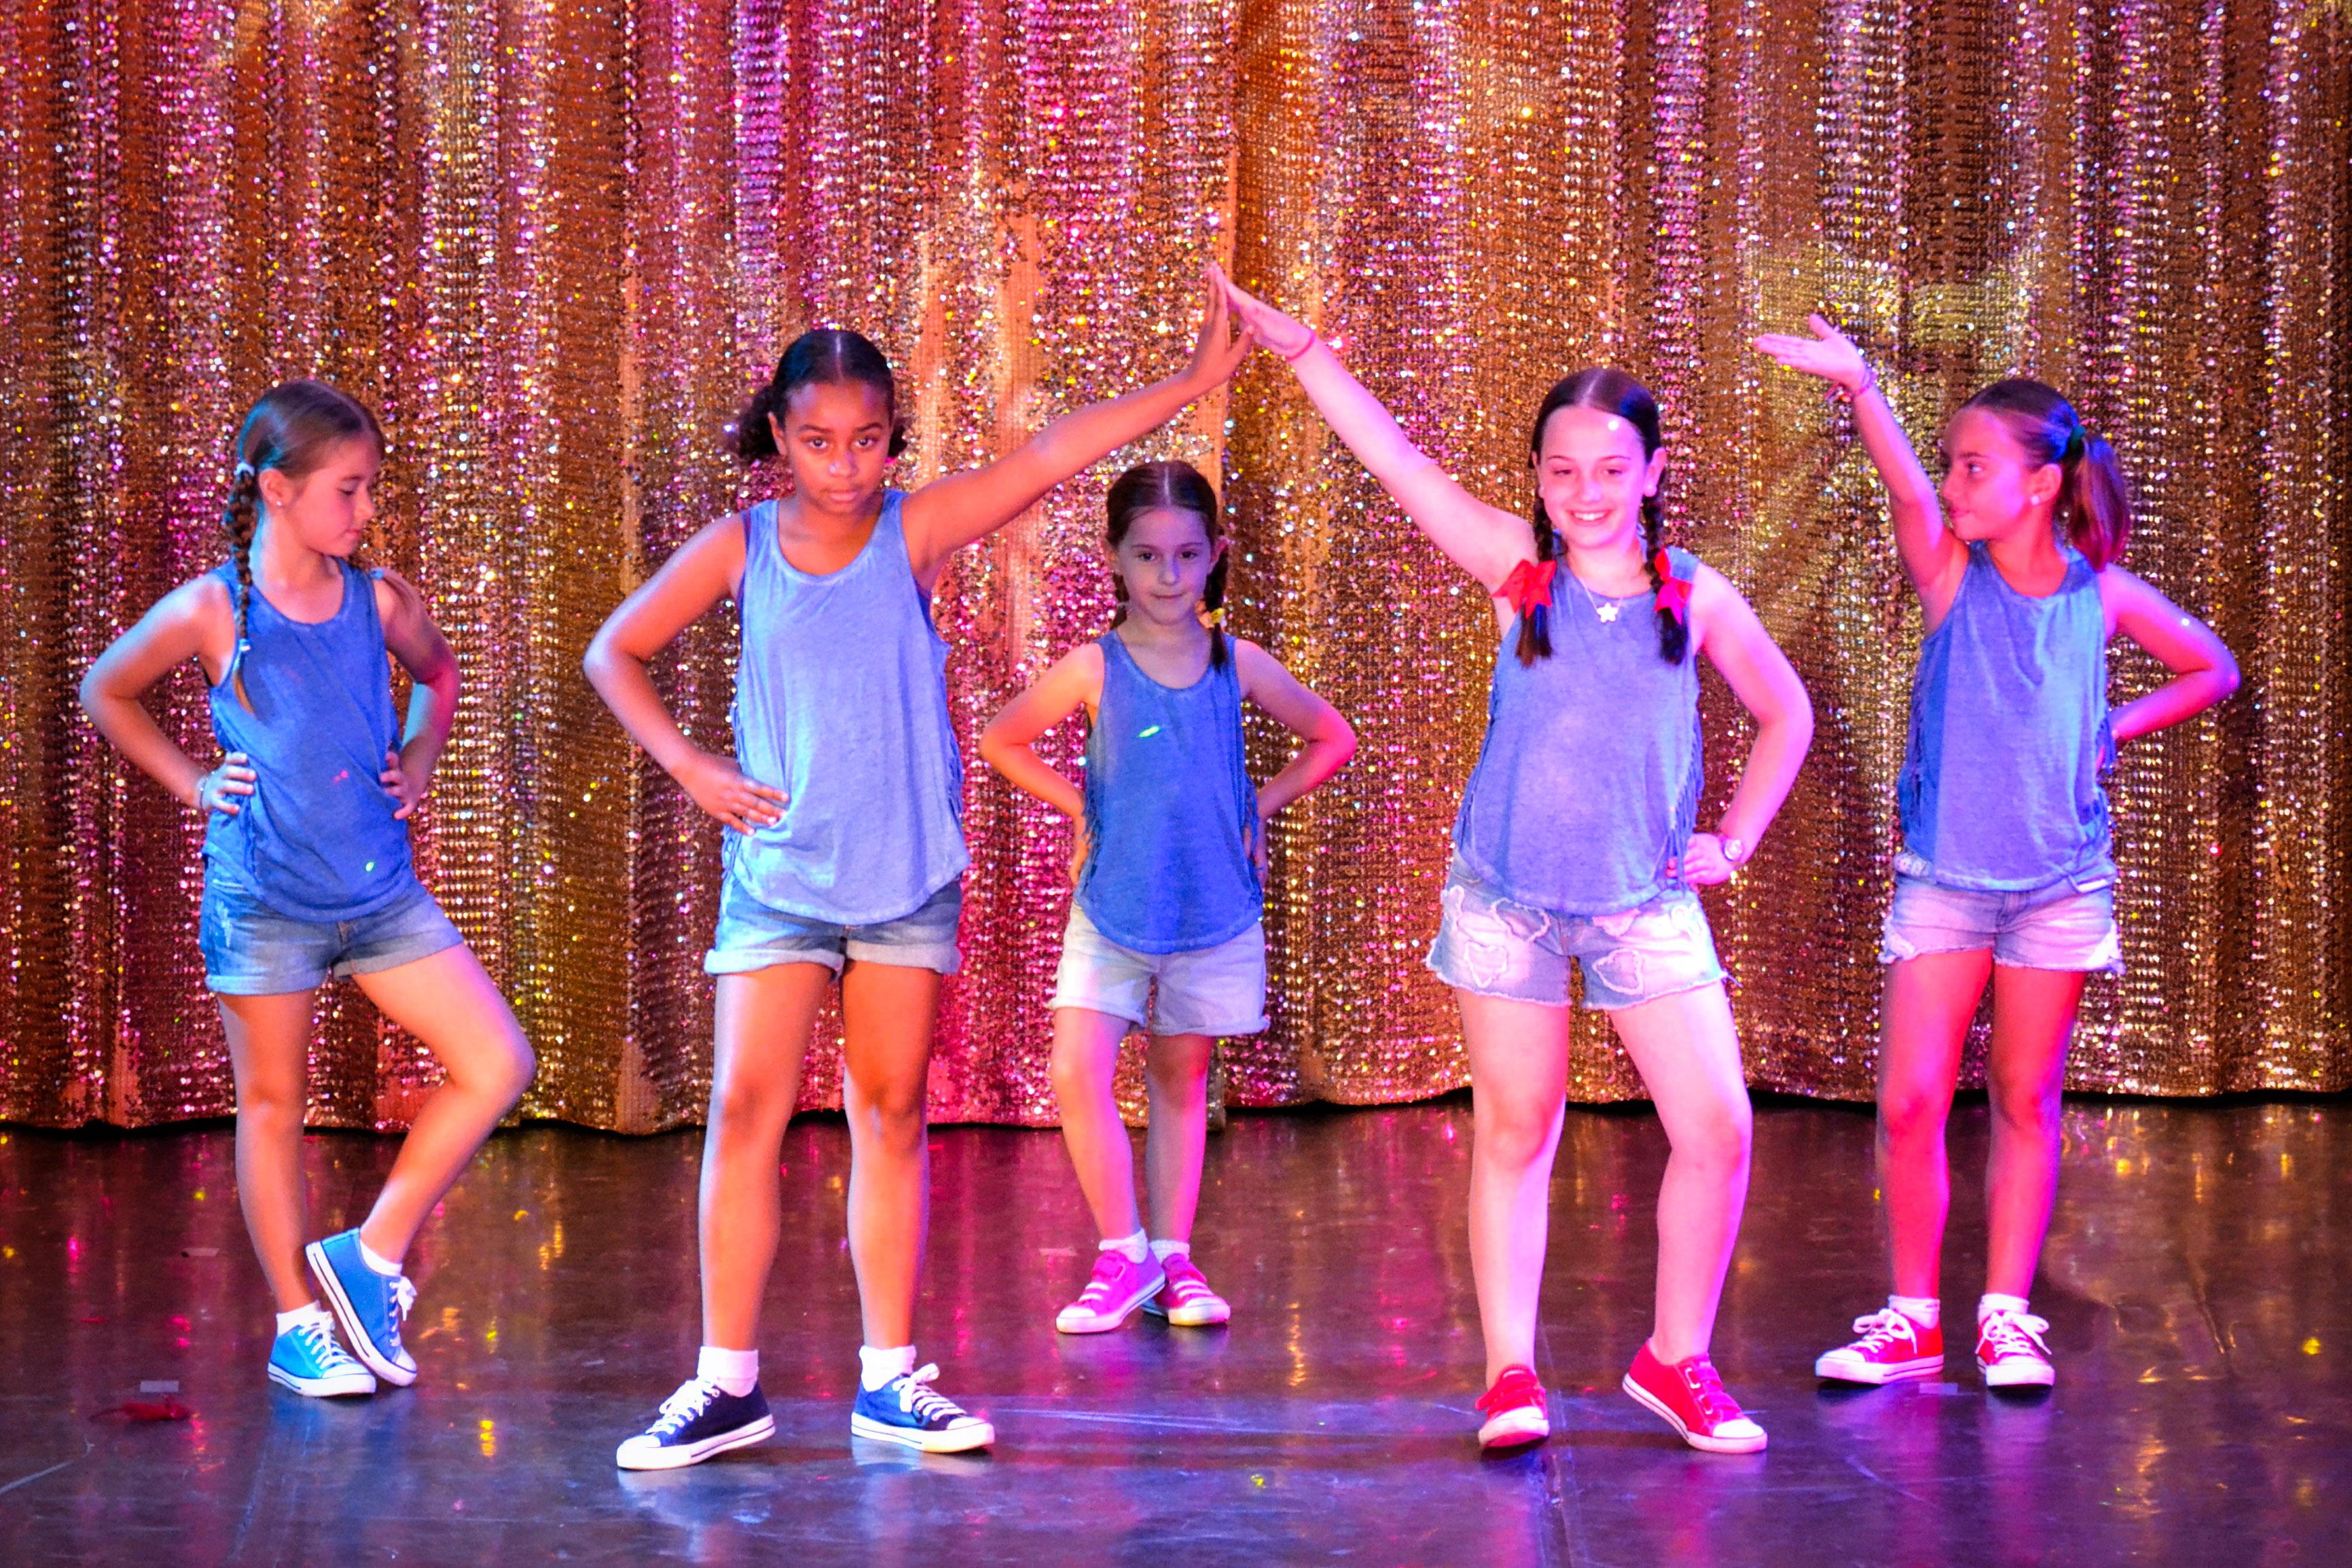 Linea-de-Baile-festival-verano-2015-clases-de-baile-valencia-149